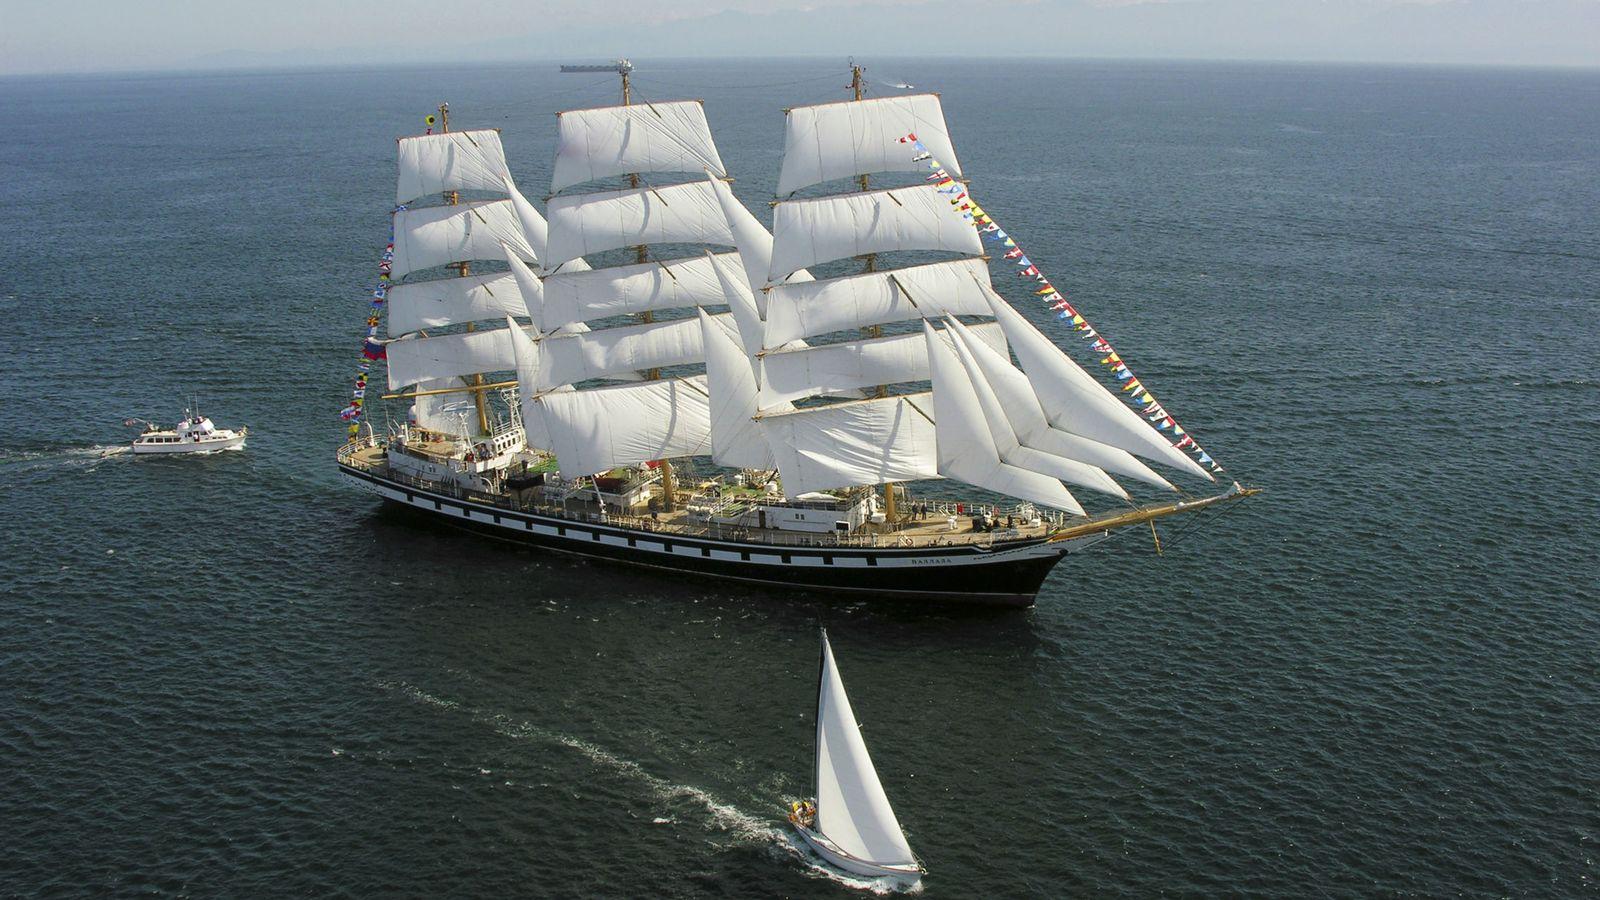 Foto: Barco de vela similar al logo de Vanguard. (Corbis)